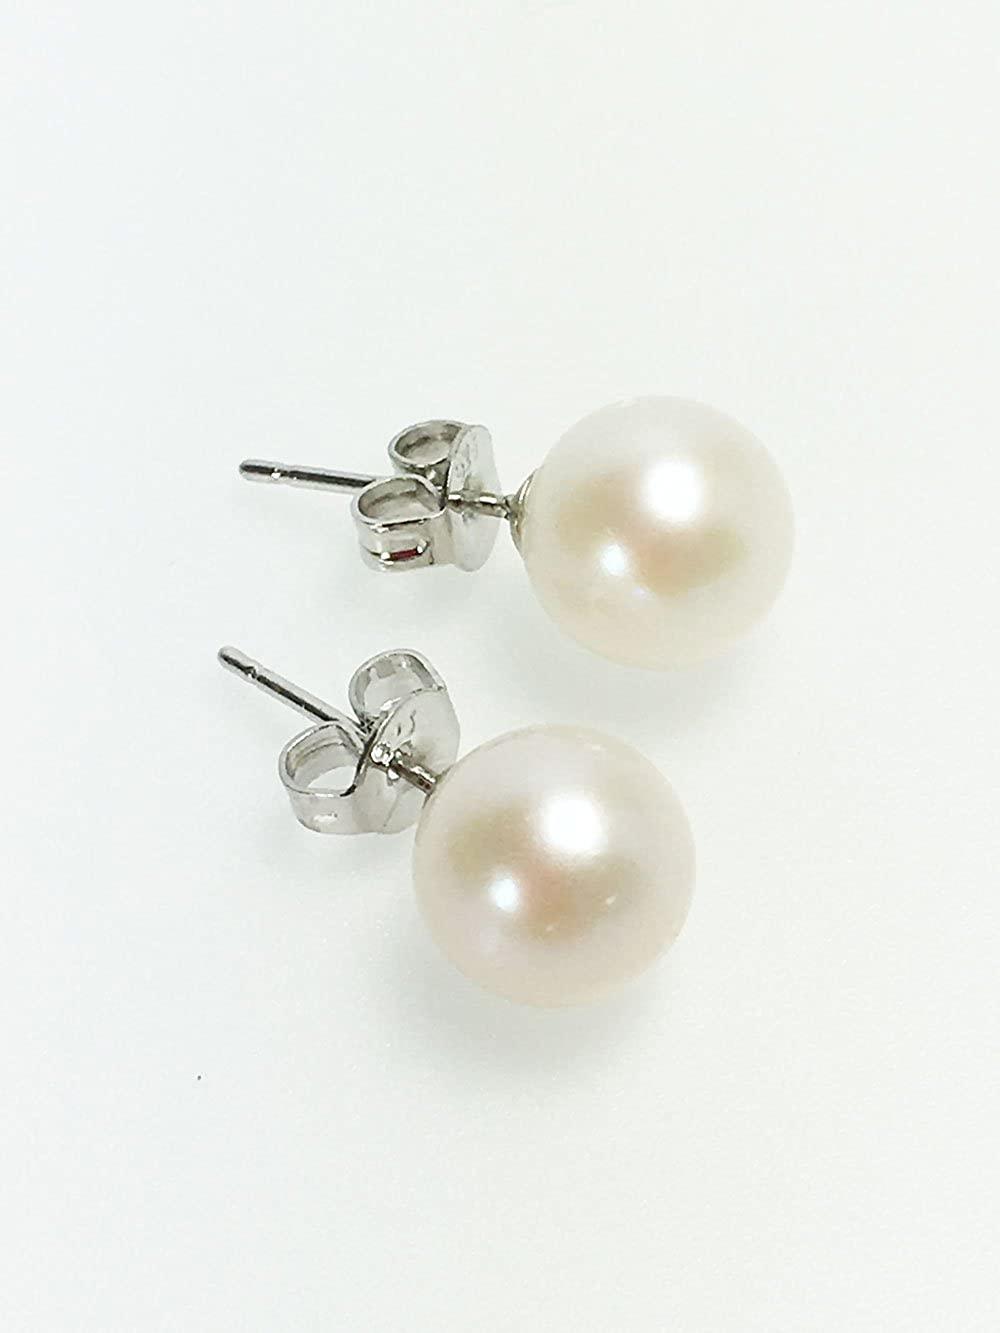 ウエディングパール 冠婚葬祭用 本真珠ネックレス&ピアスorイヤリングセット 8.5-9mm ハートキーパーボックス付